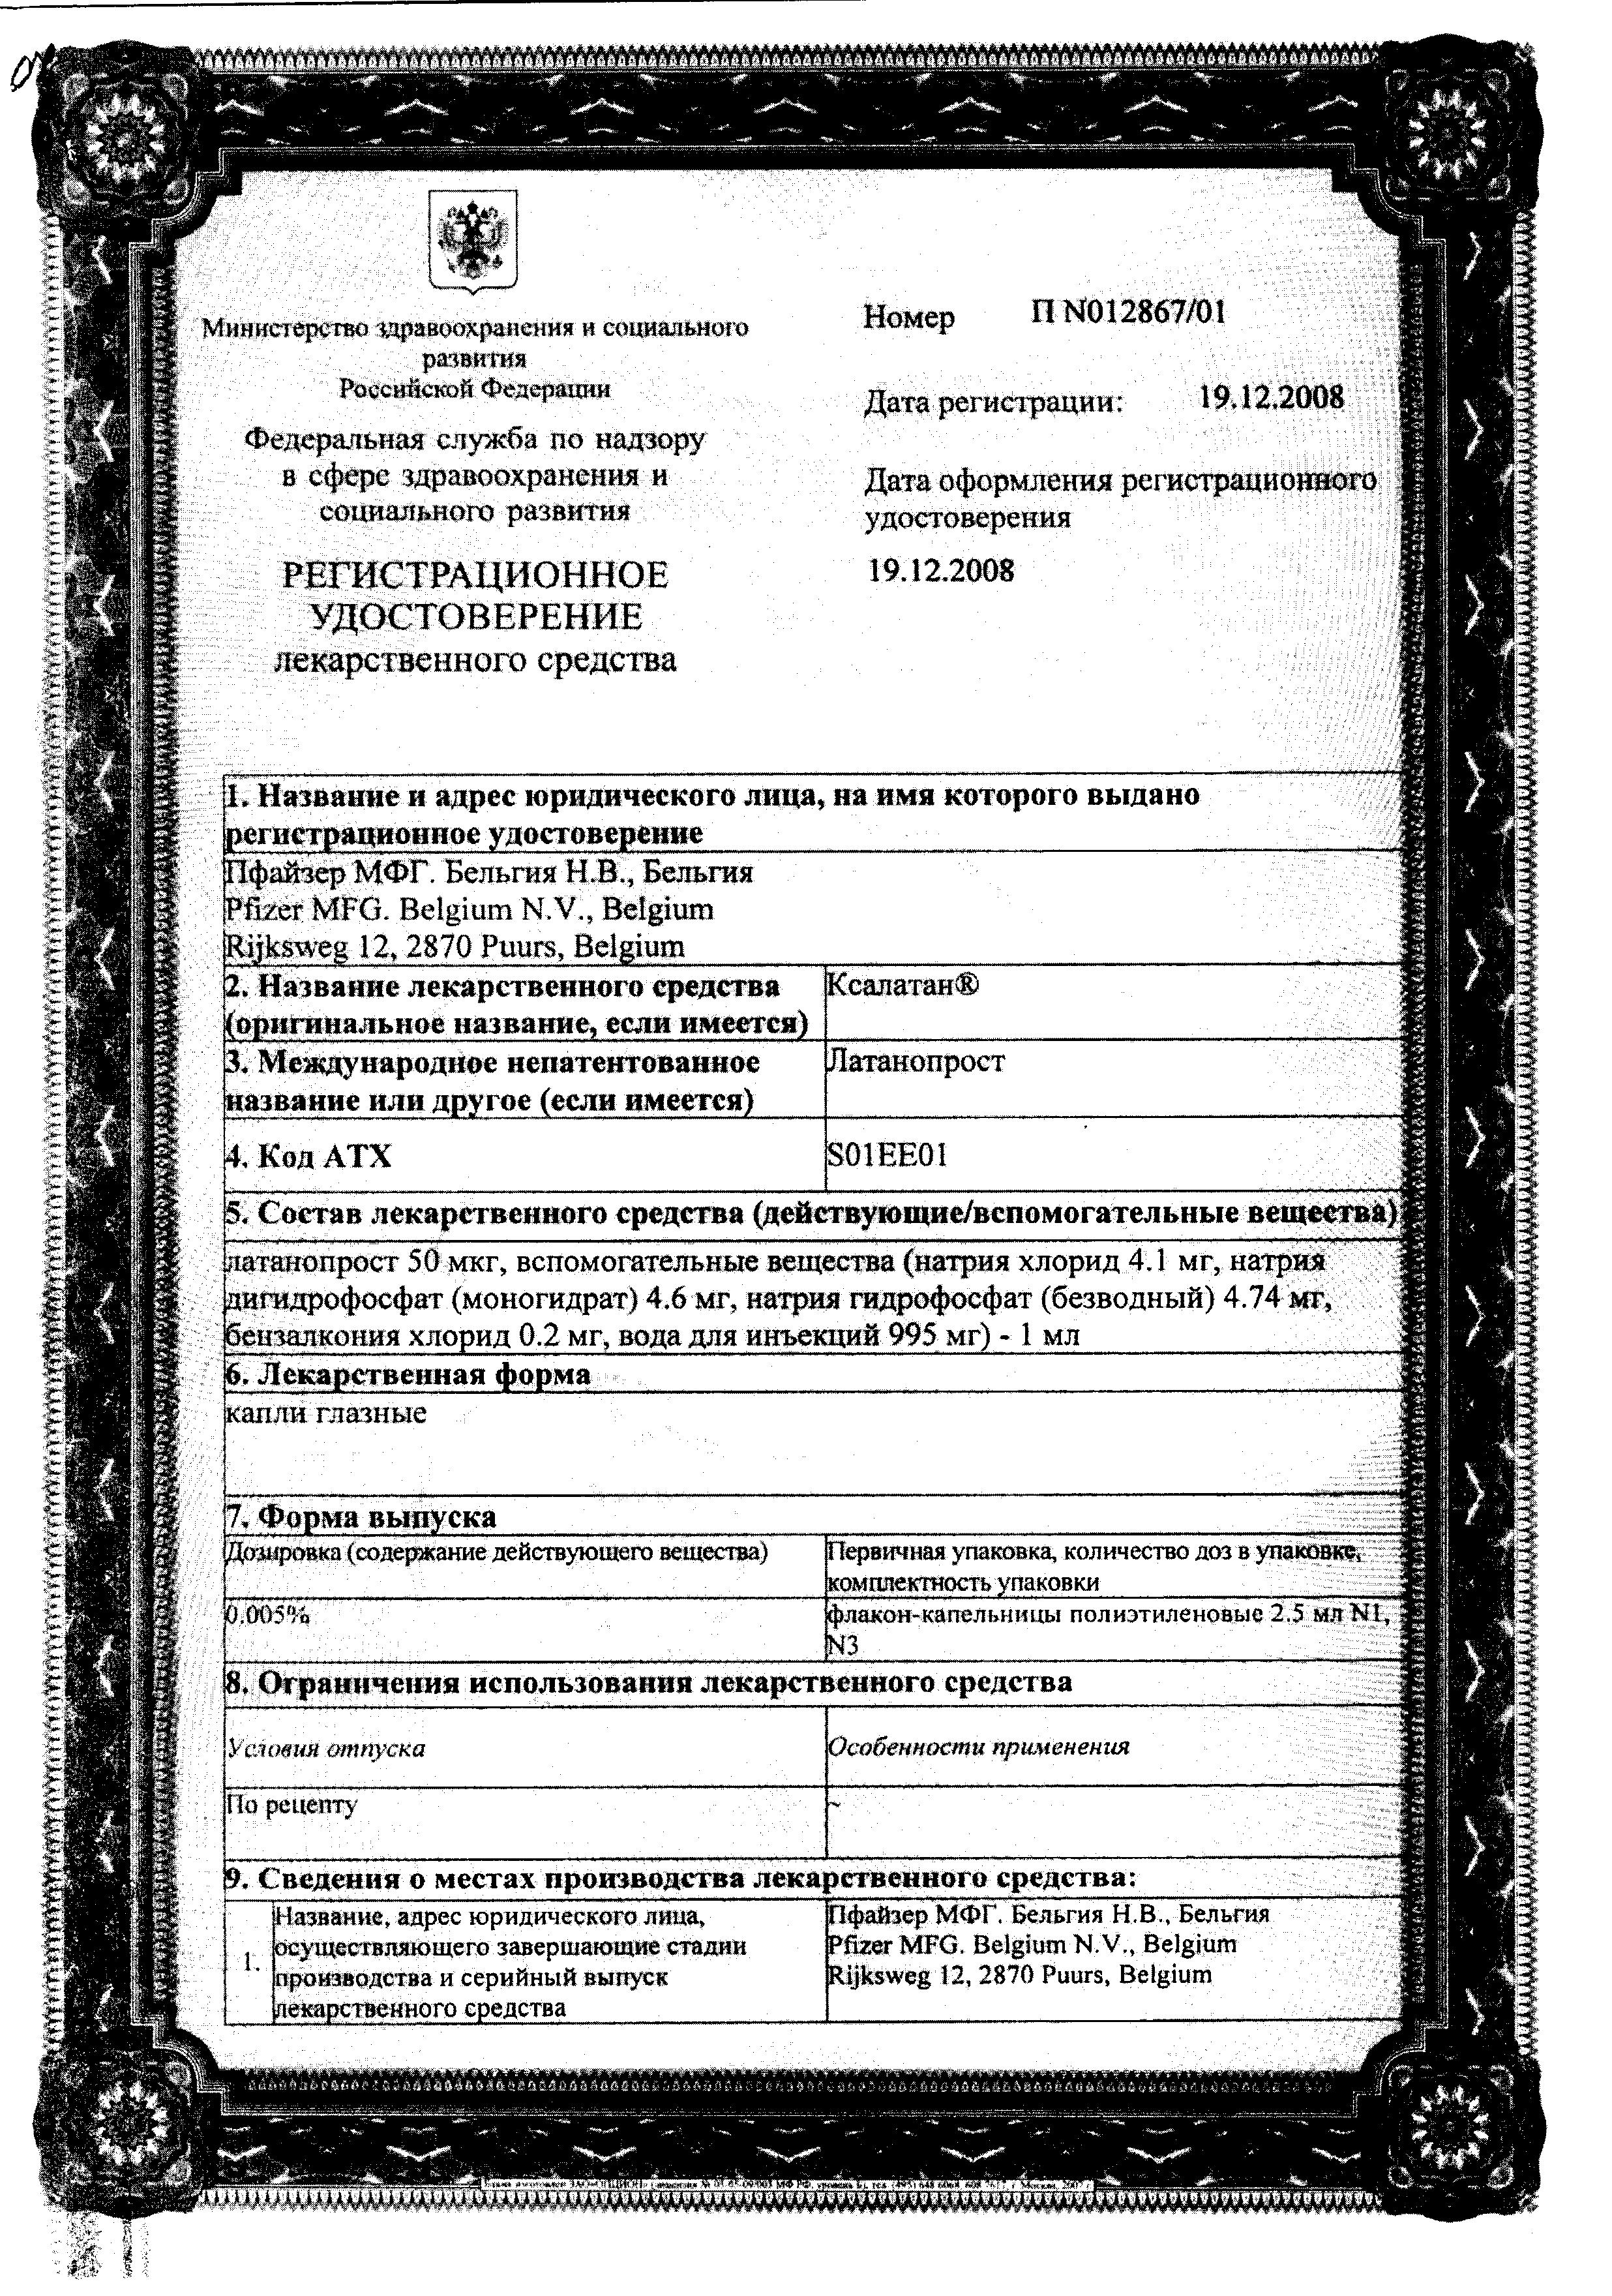 Ксалатан сертификат